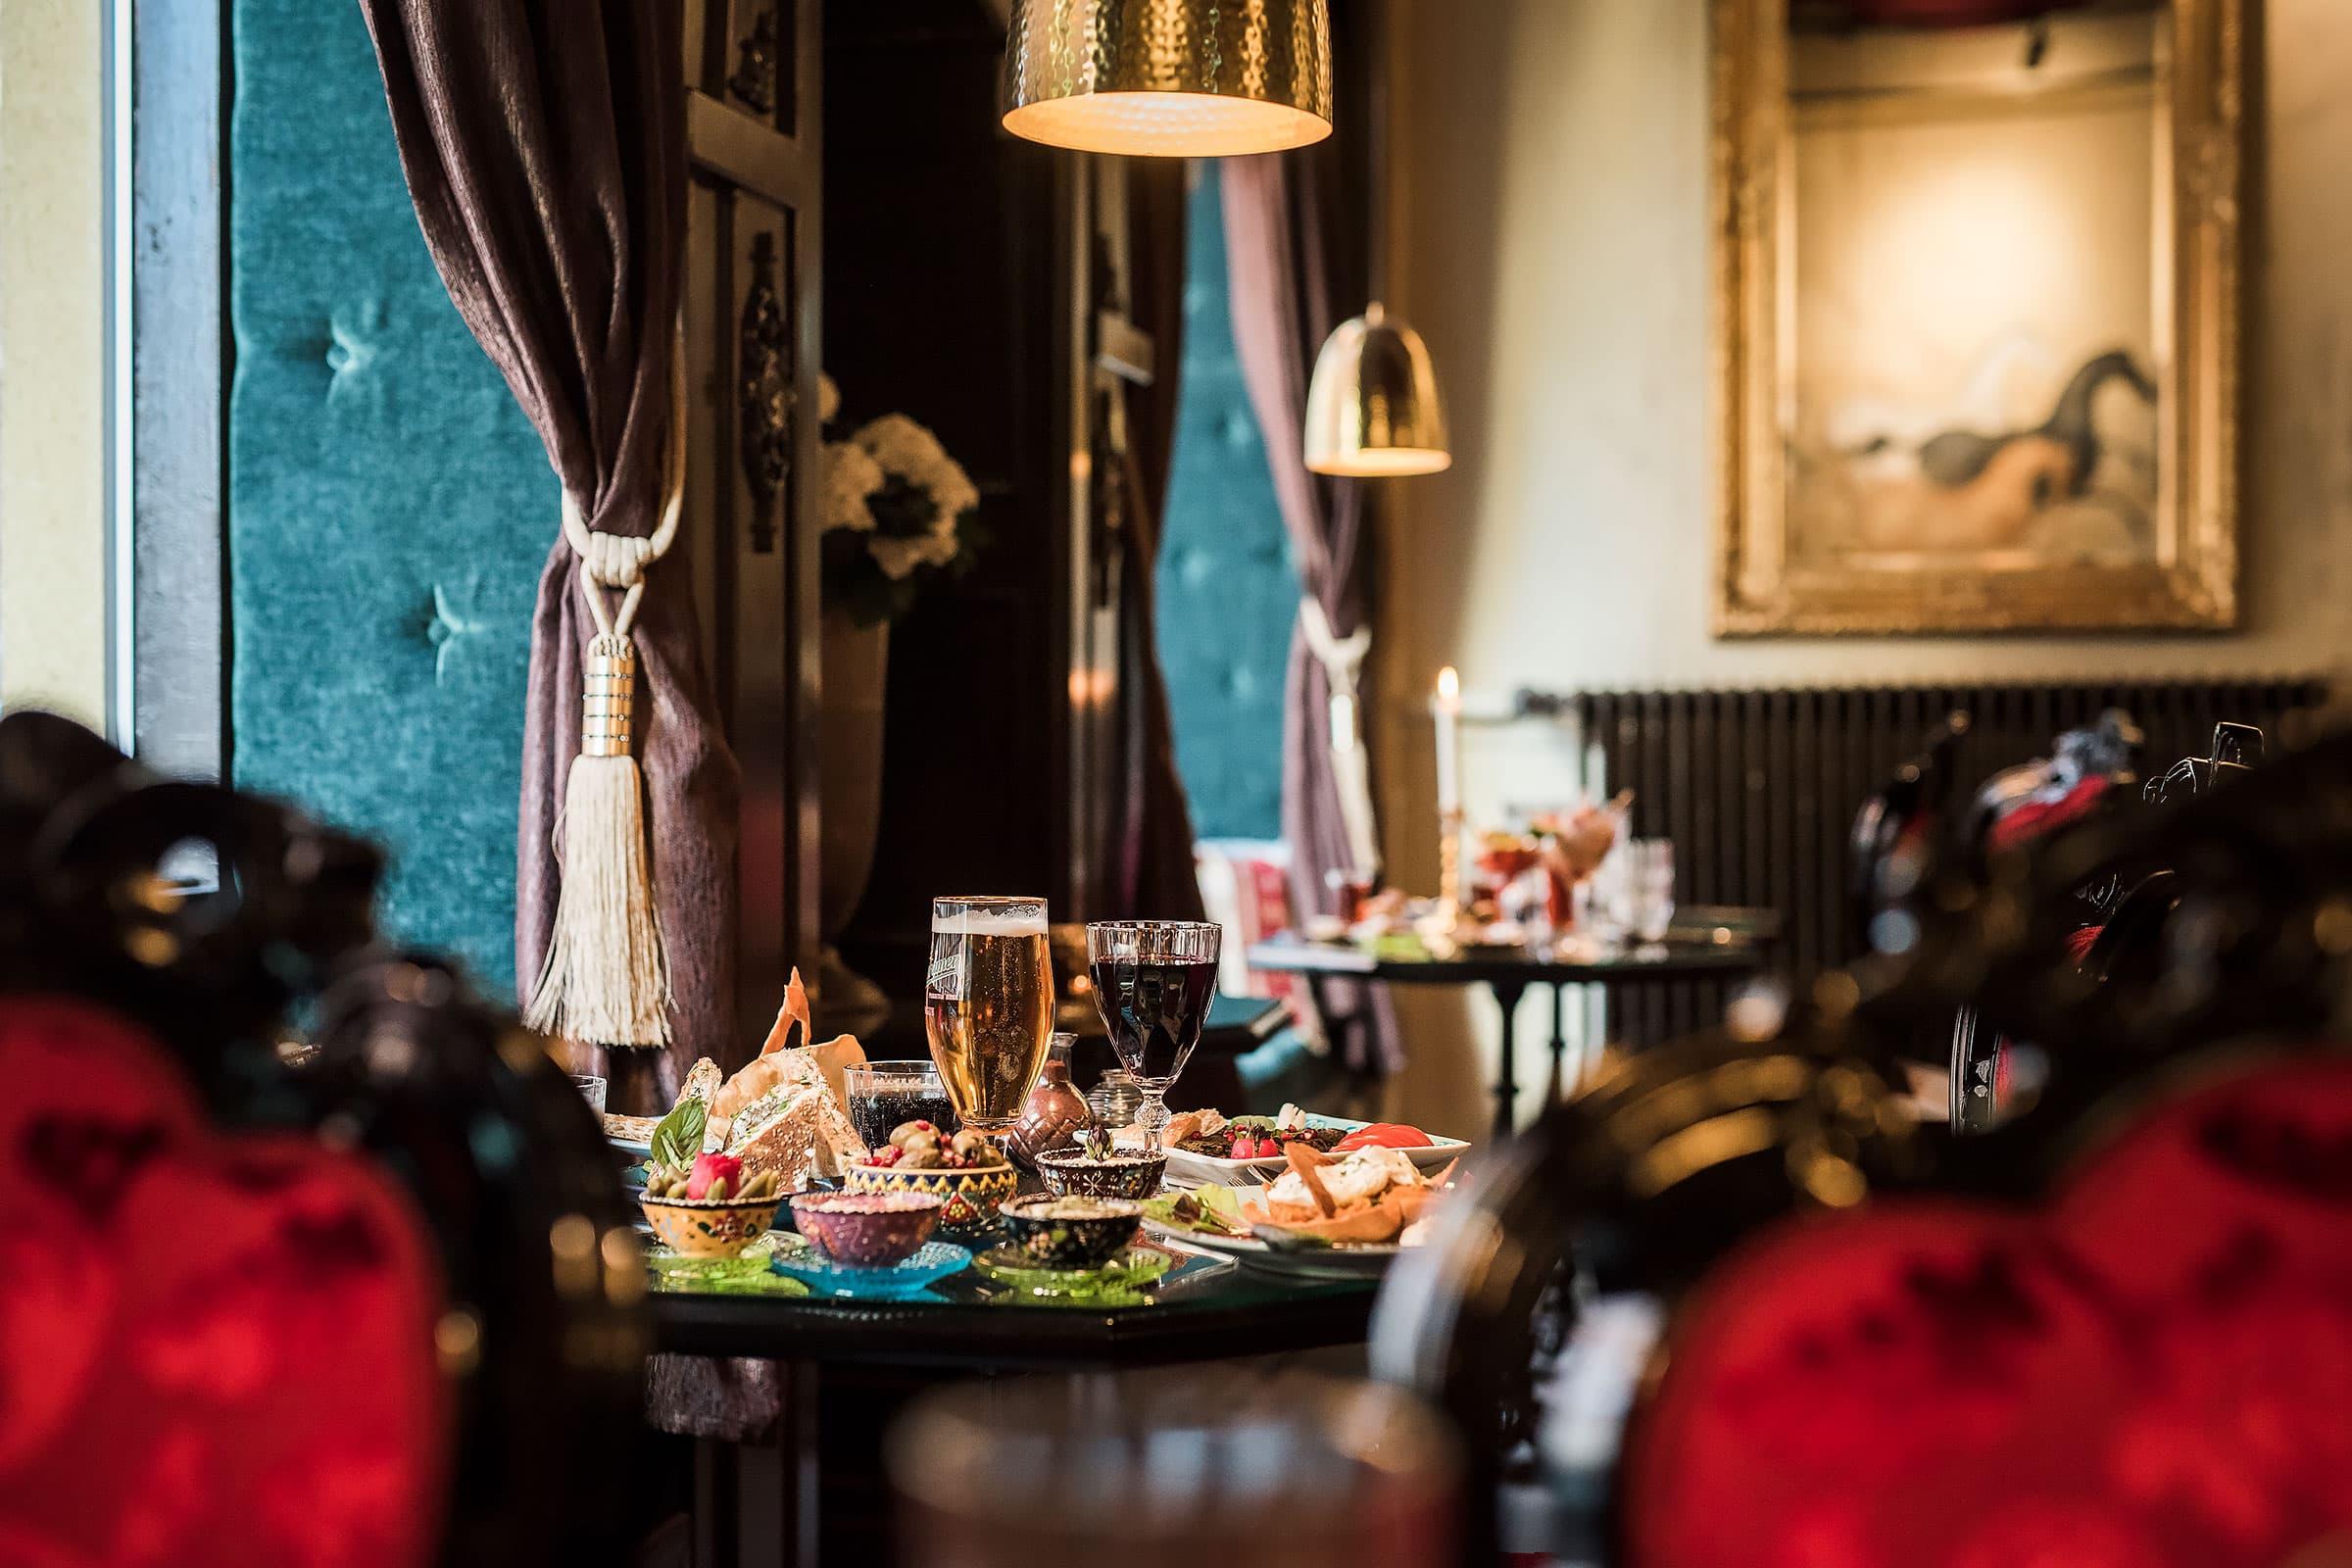 bästa restaurangen för dejta i Sverige